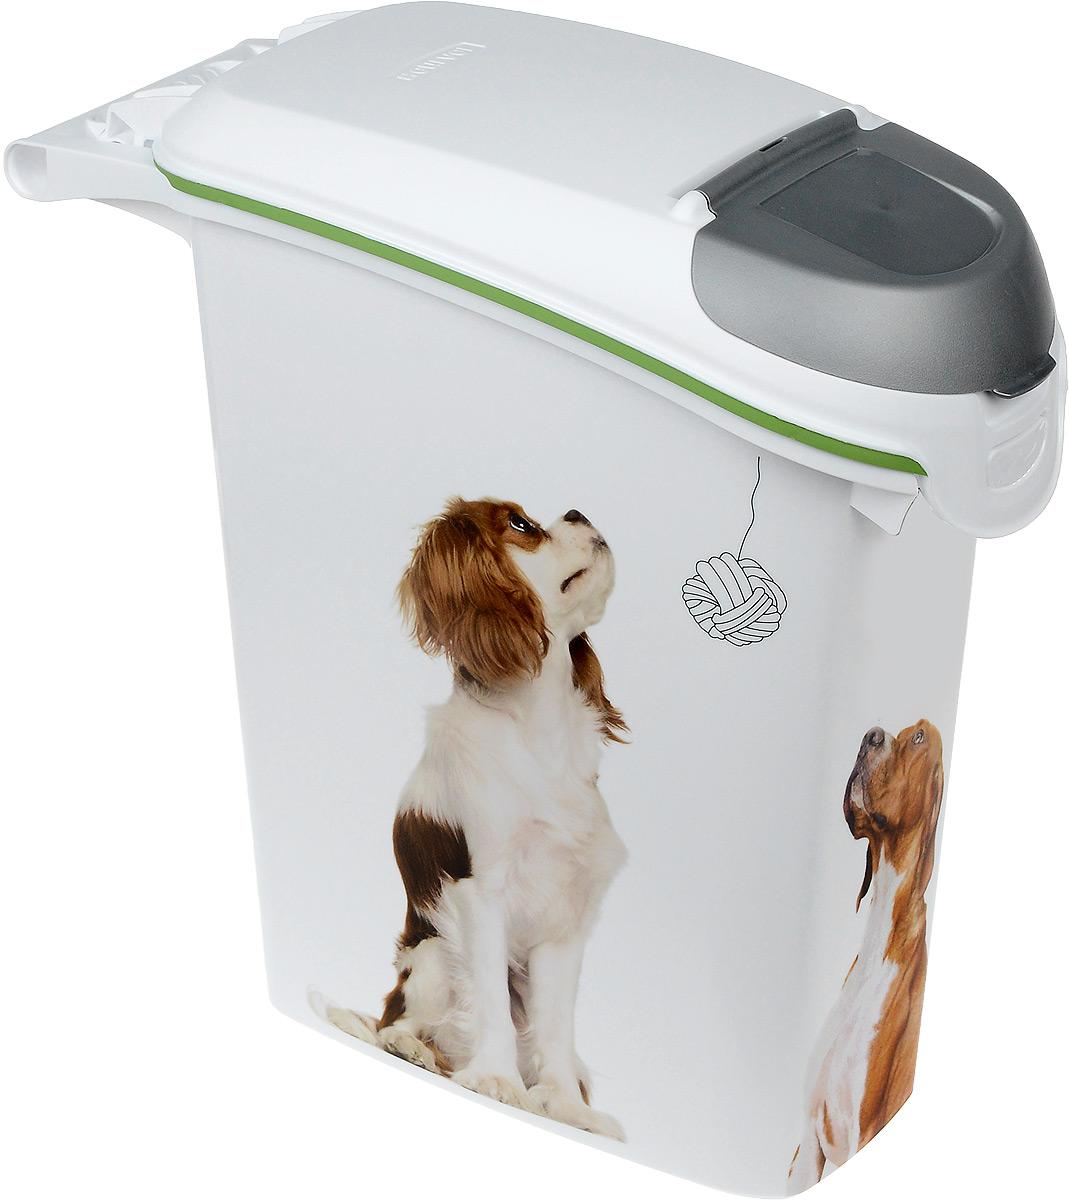 Контейнер Curver Pet Life. Лабрадор для хранения сухого корма, 23 л миски для животных up up игрушка контейнер для сыпучего корма для домашних животн��х арт 4002